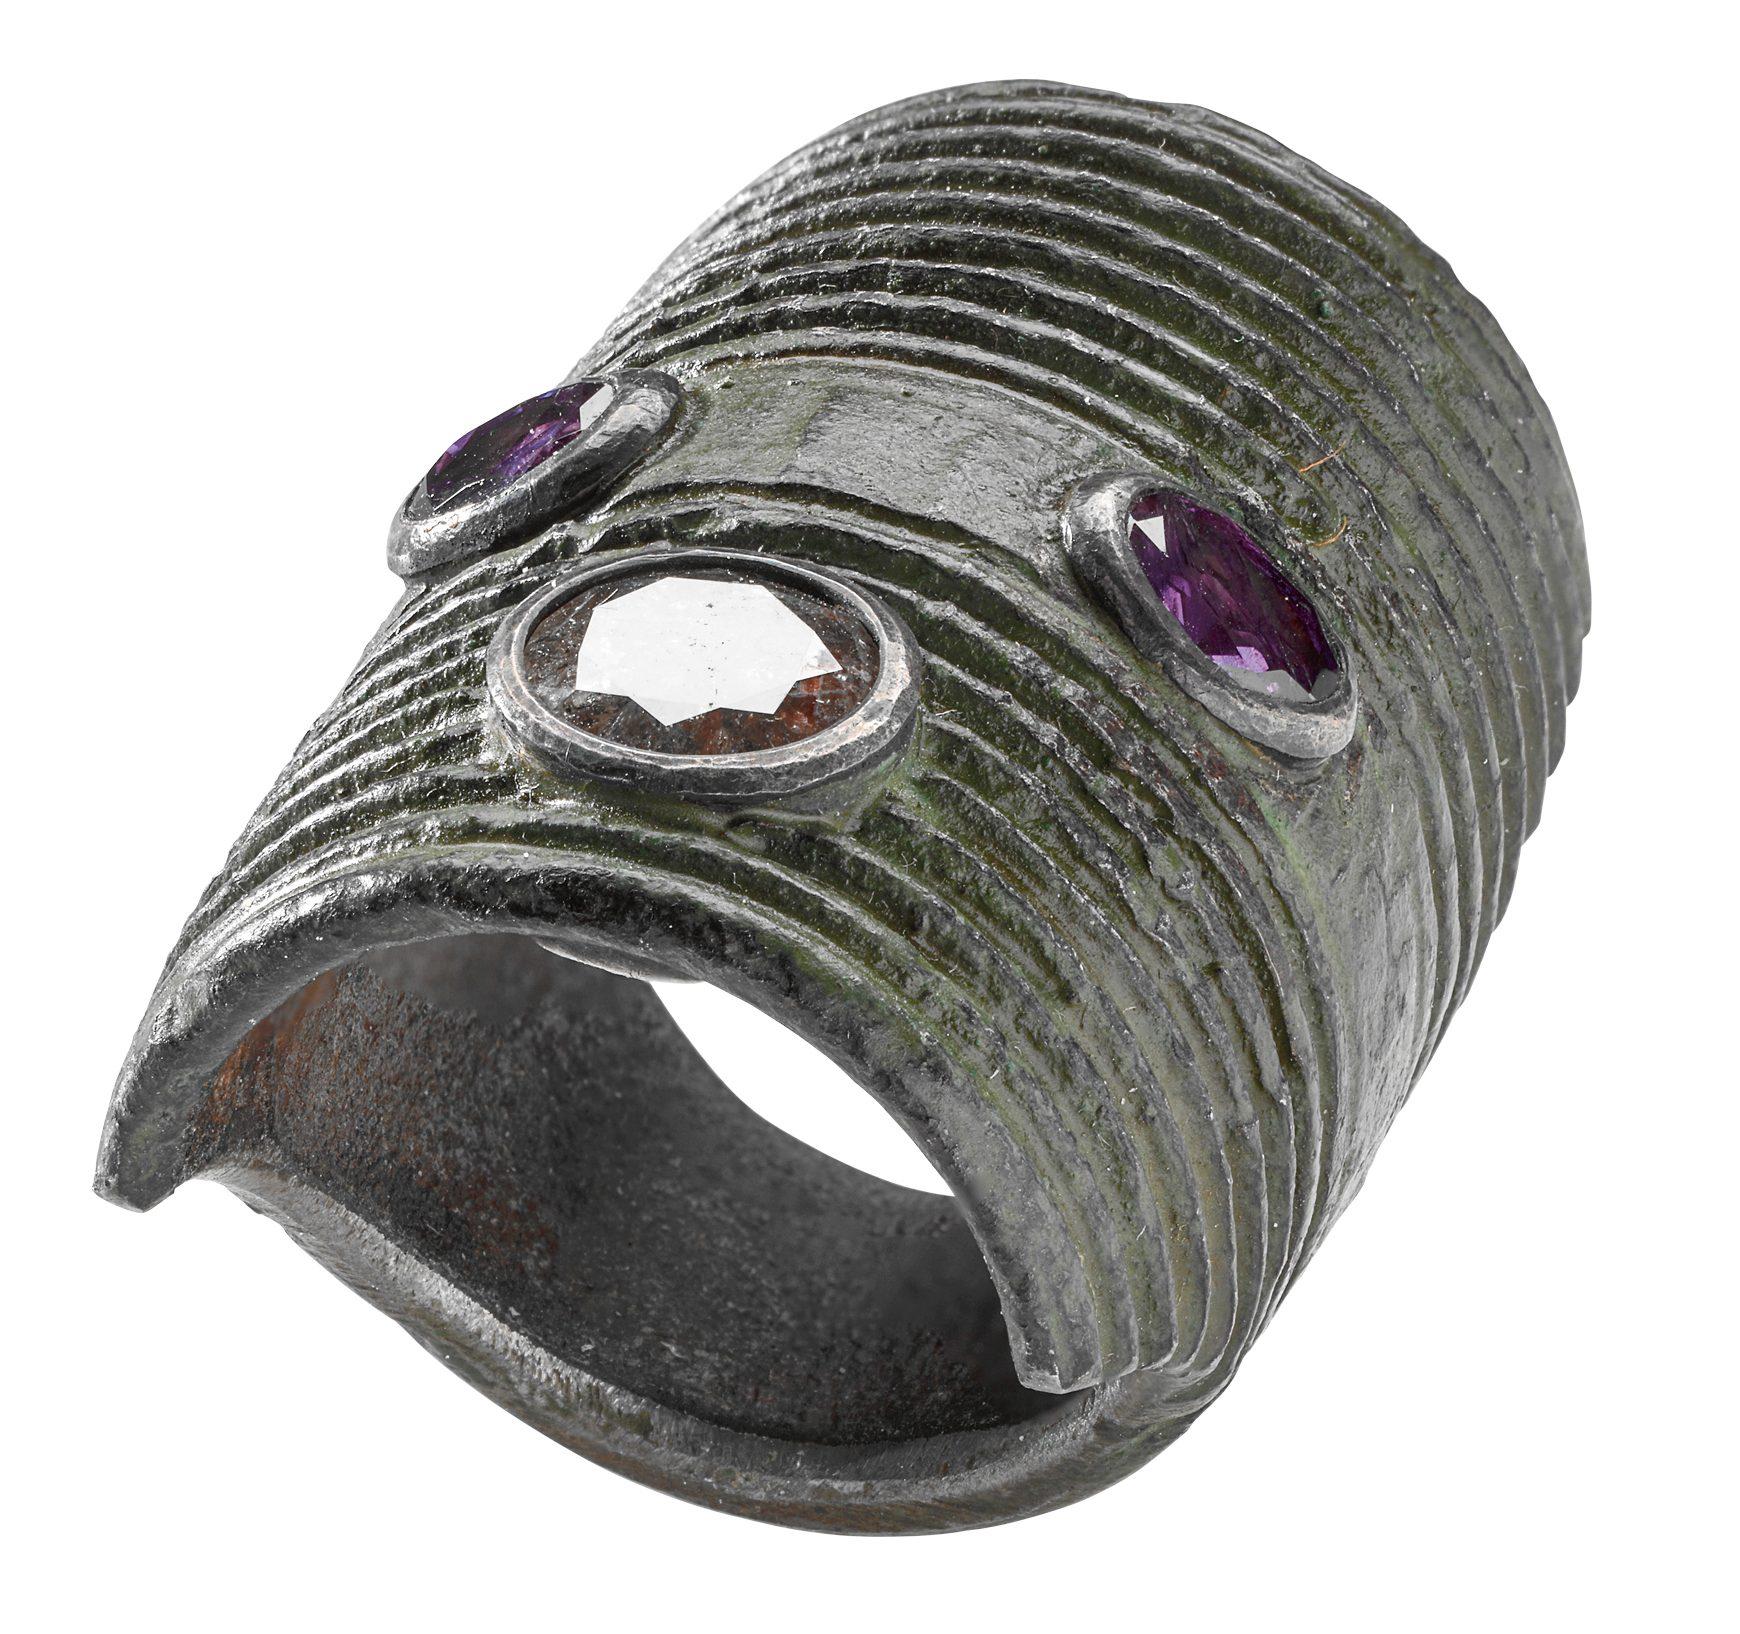 Bernhard Schobinger, Gewindekopfring, ring, 1992. Collectie Alice & Louis Koch. Foto met dank aan Donat Stuppan, Schweizerisches Nationalmuseum, metaal, stenen